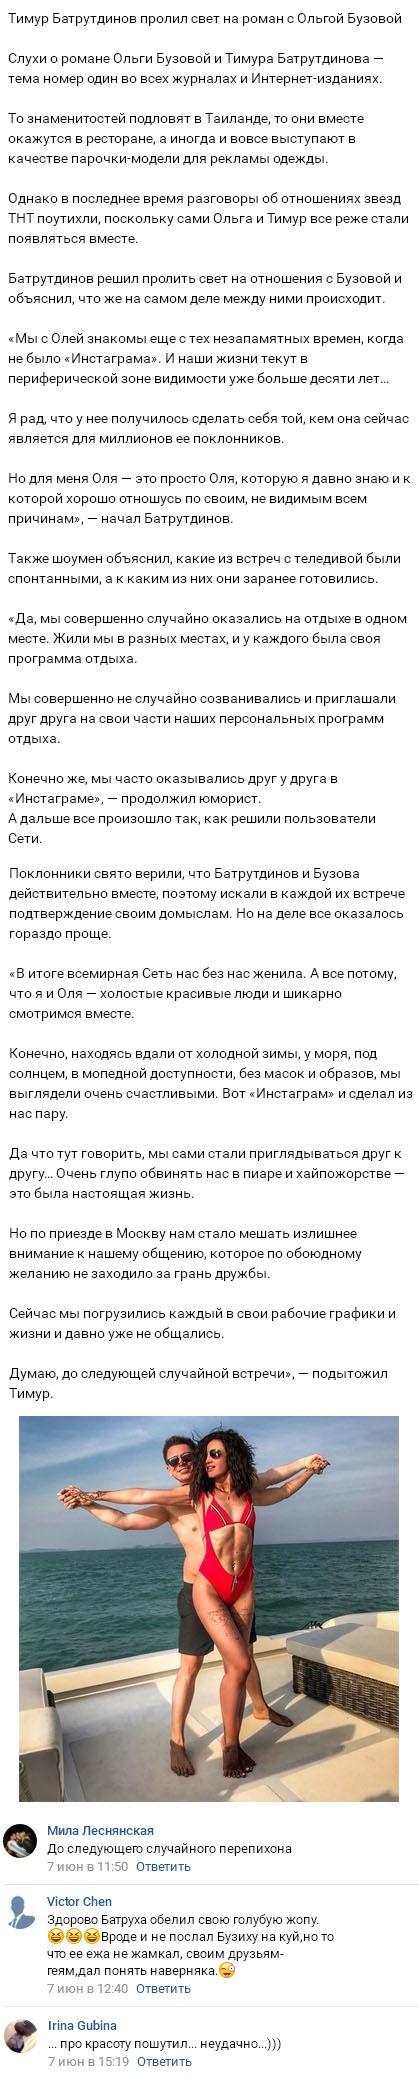 Тимур Батрутдинов перестал молчать относительно романа с Ольгой Бузовой